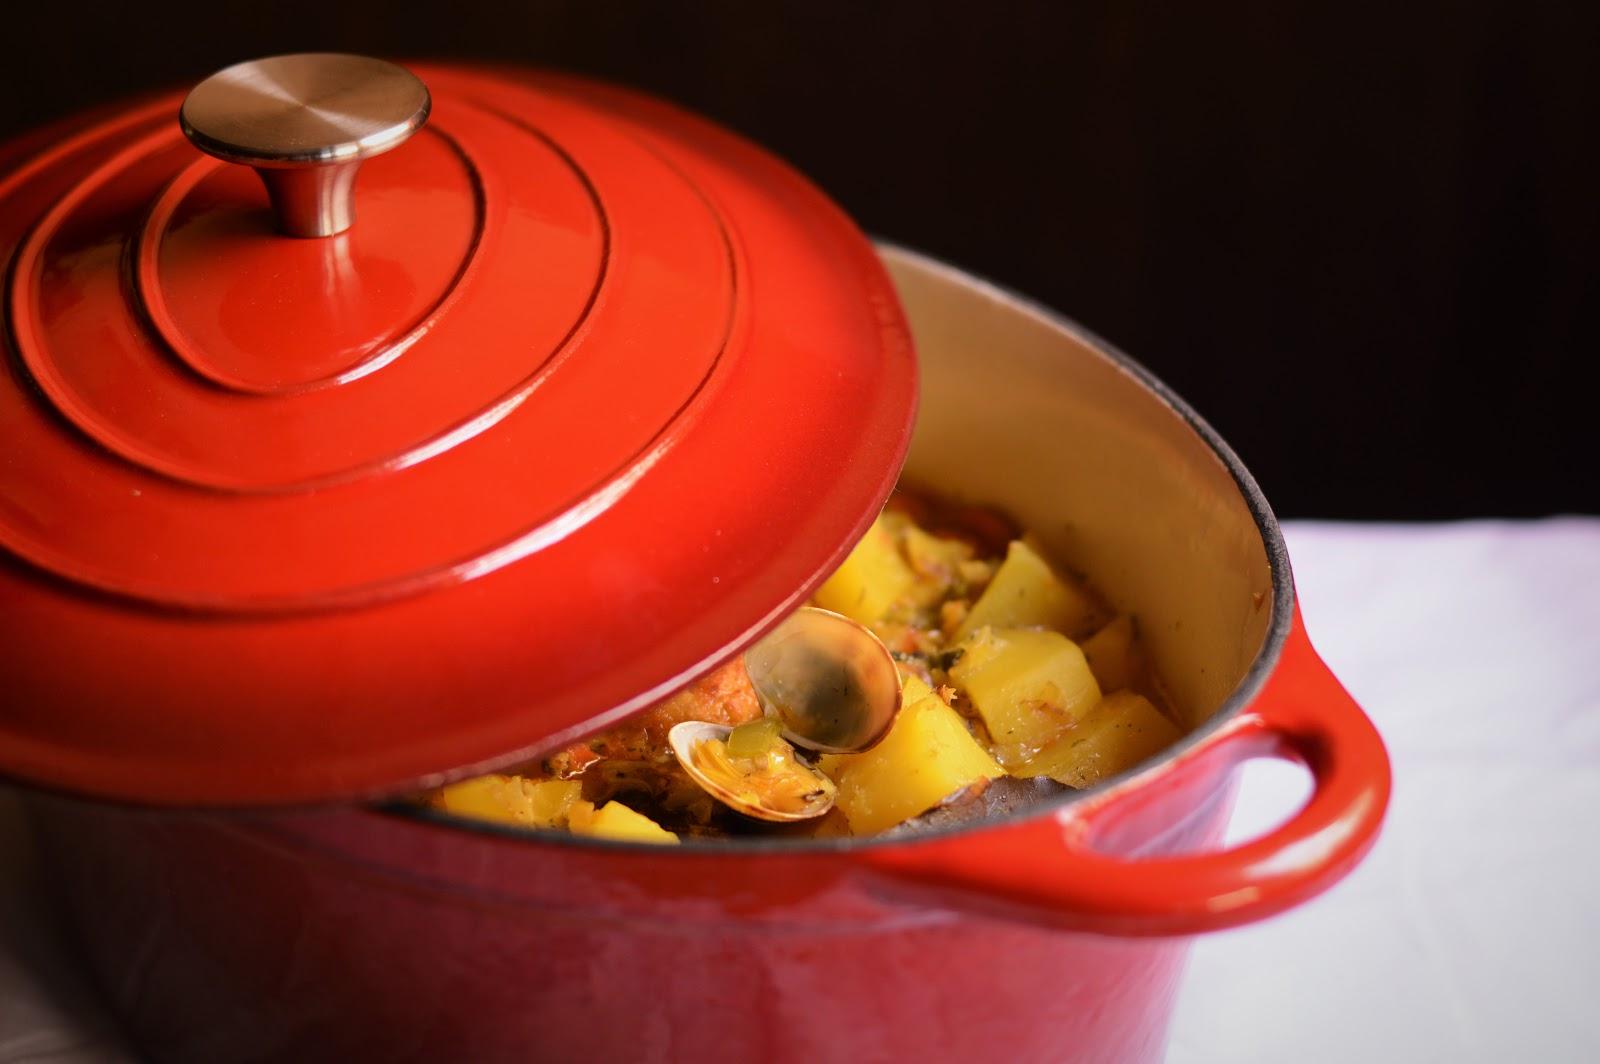 Las recetas de noe guiso en cocotte - Cocinar en cocotte ...